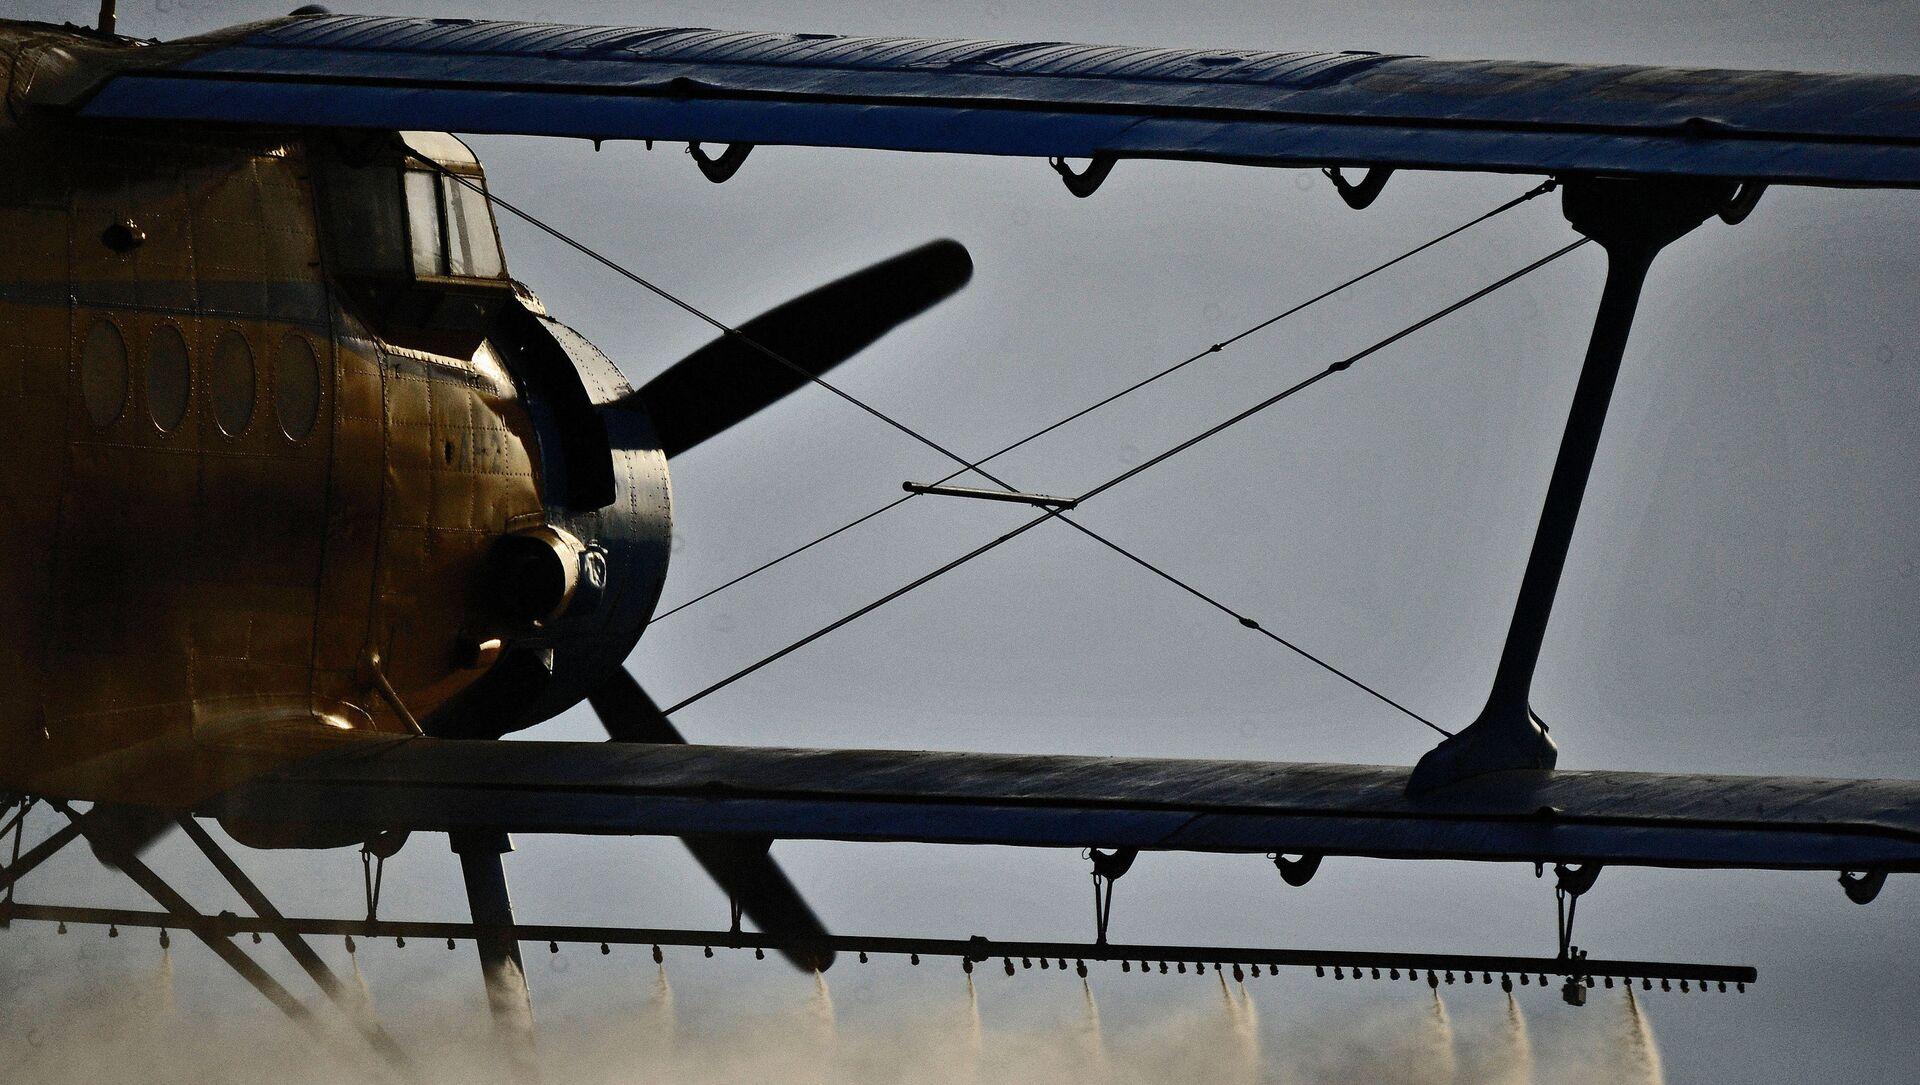 Самолет Ан-2, архивное фото - Sputnik Беларусь, 1920, 01.04.2021